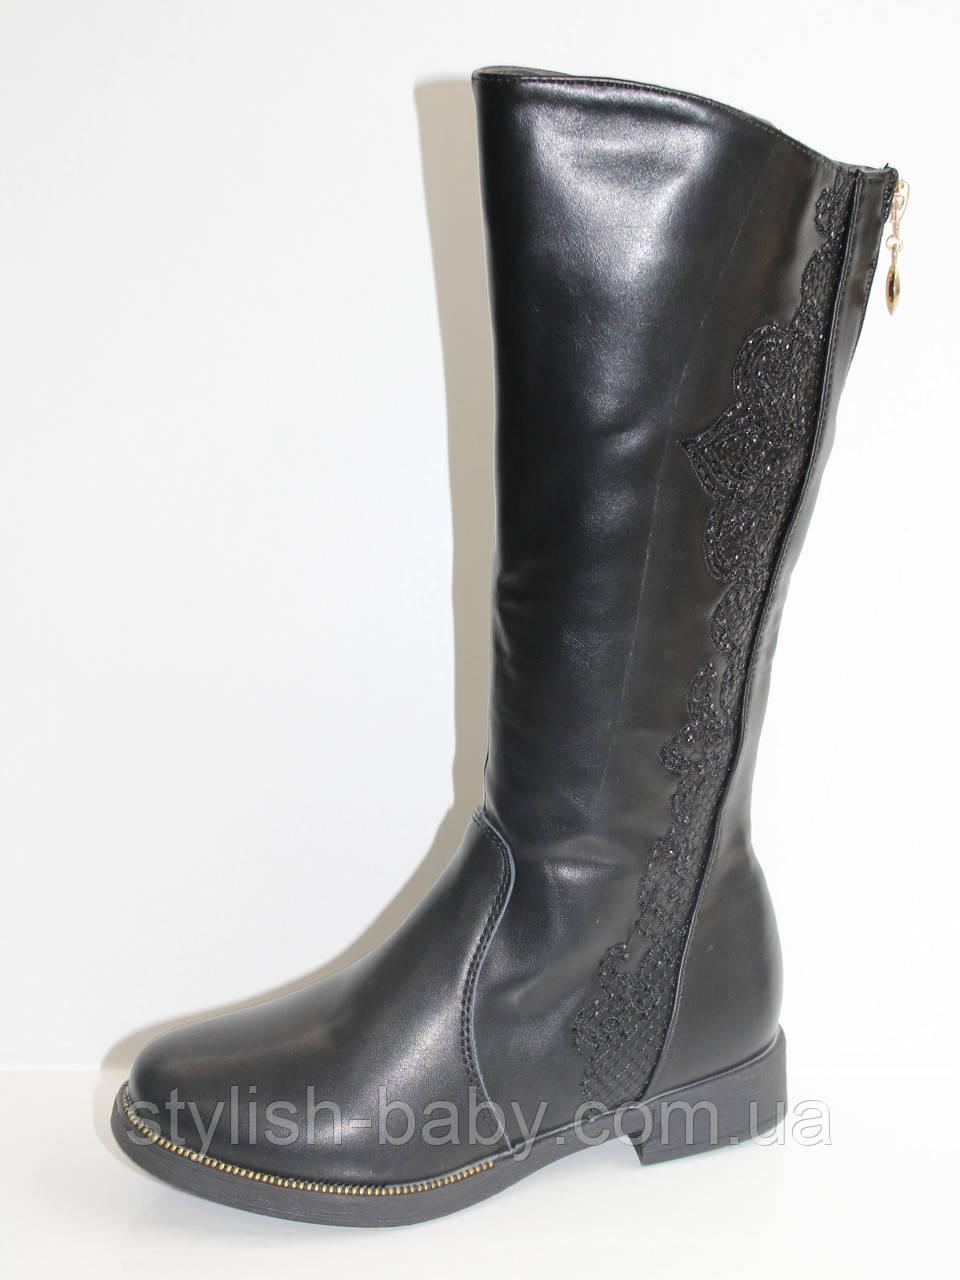 Детская обувь оптом. Детская демисезонная обувь бренда GFB для девочек (рр. с 32 по 37)